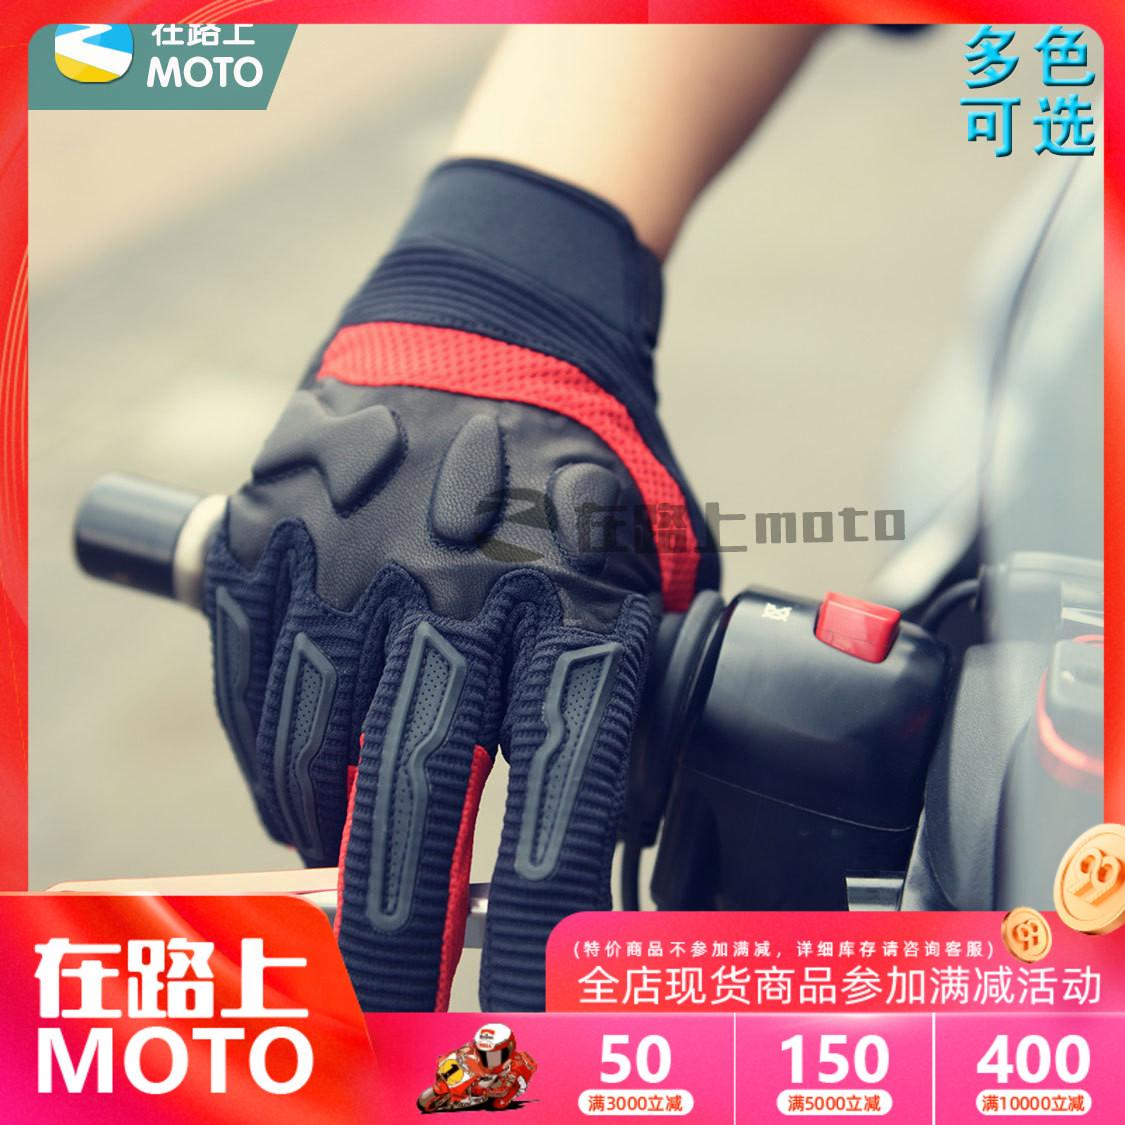 现货 丹尼斯dainese air frame摩托车夏季网眼透气骑行装备手套